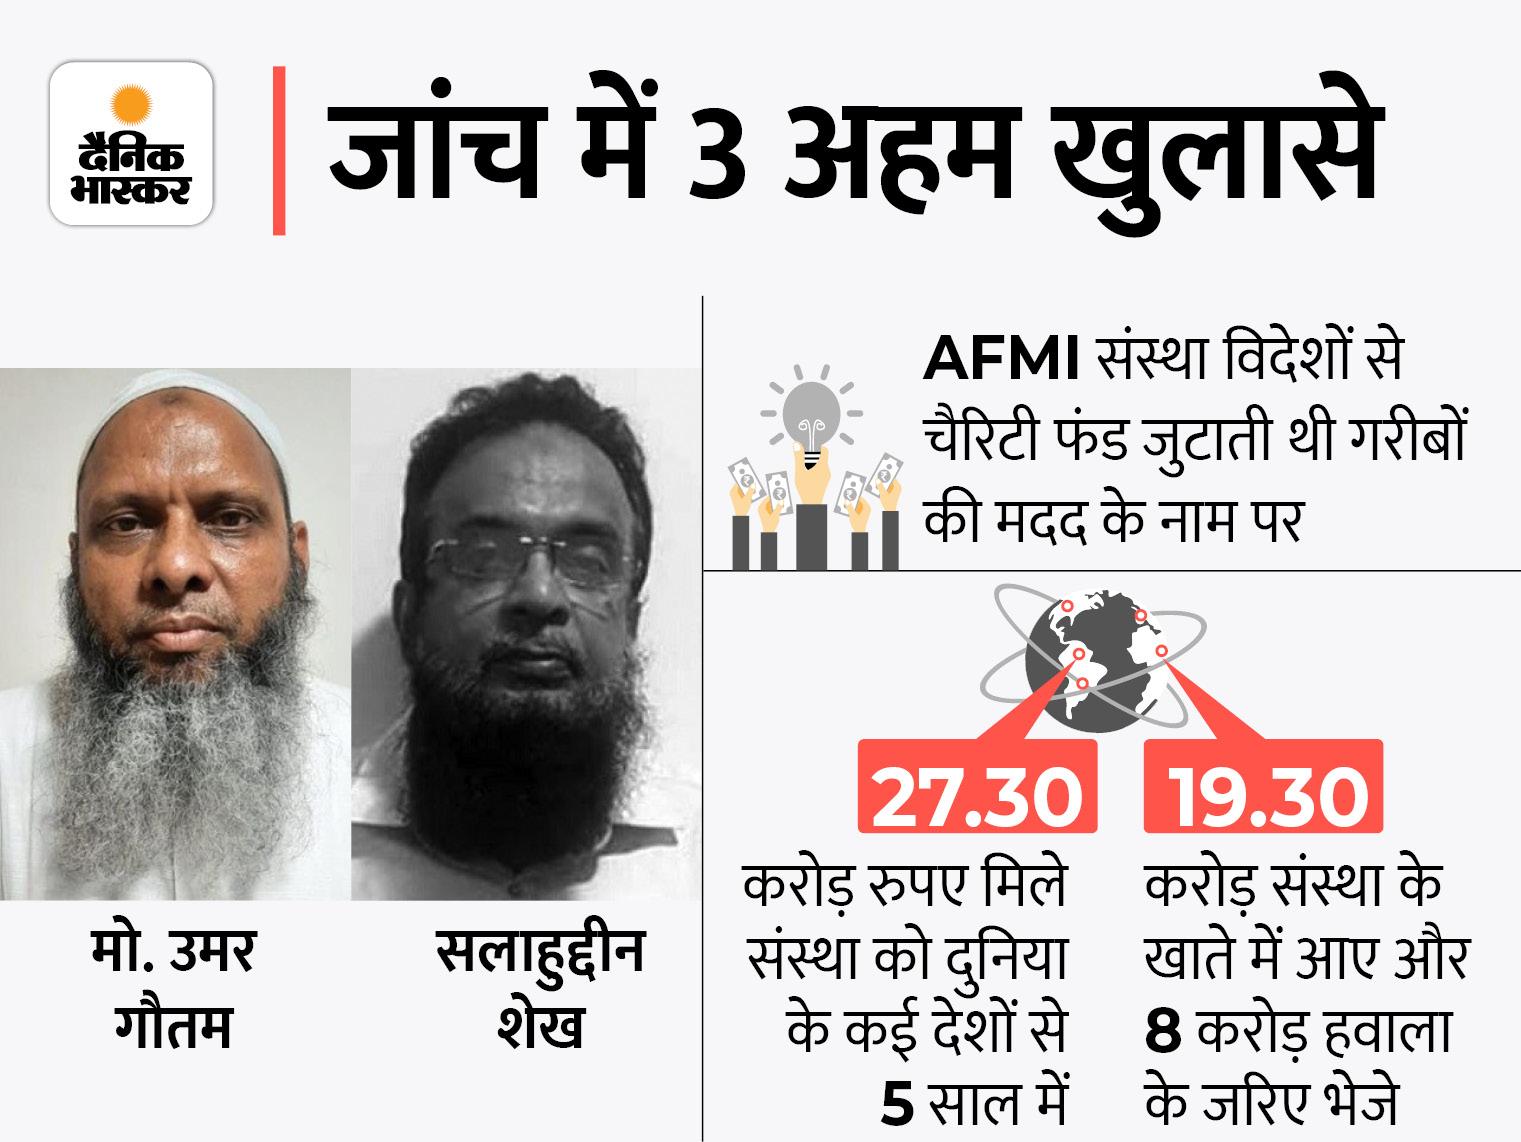 धर्मांतरण के विदेशी फंड से दिल्ली दंगे के आरोपियों को छुड़ाने के लिए खर्च हुए थे 60 लाख रुपए, गुजरात पुलिस लखनऊ पहुंची लखनऊ,Lucknow - Dainik Bhaskar